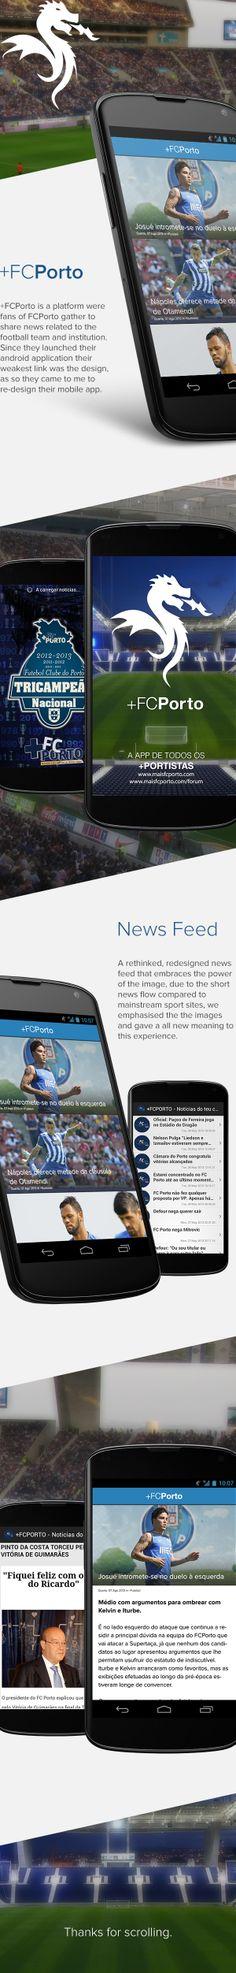 +FCPorto App by José Carlos Rodrigues, via Behance